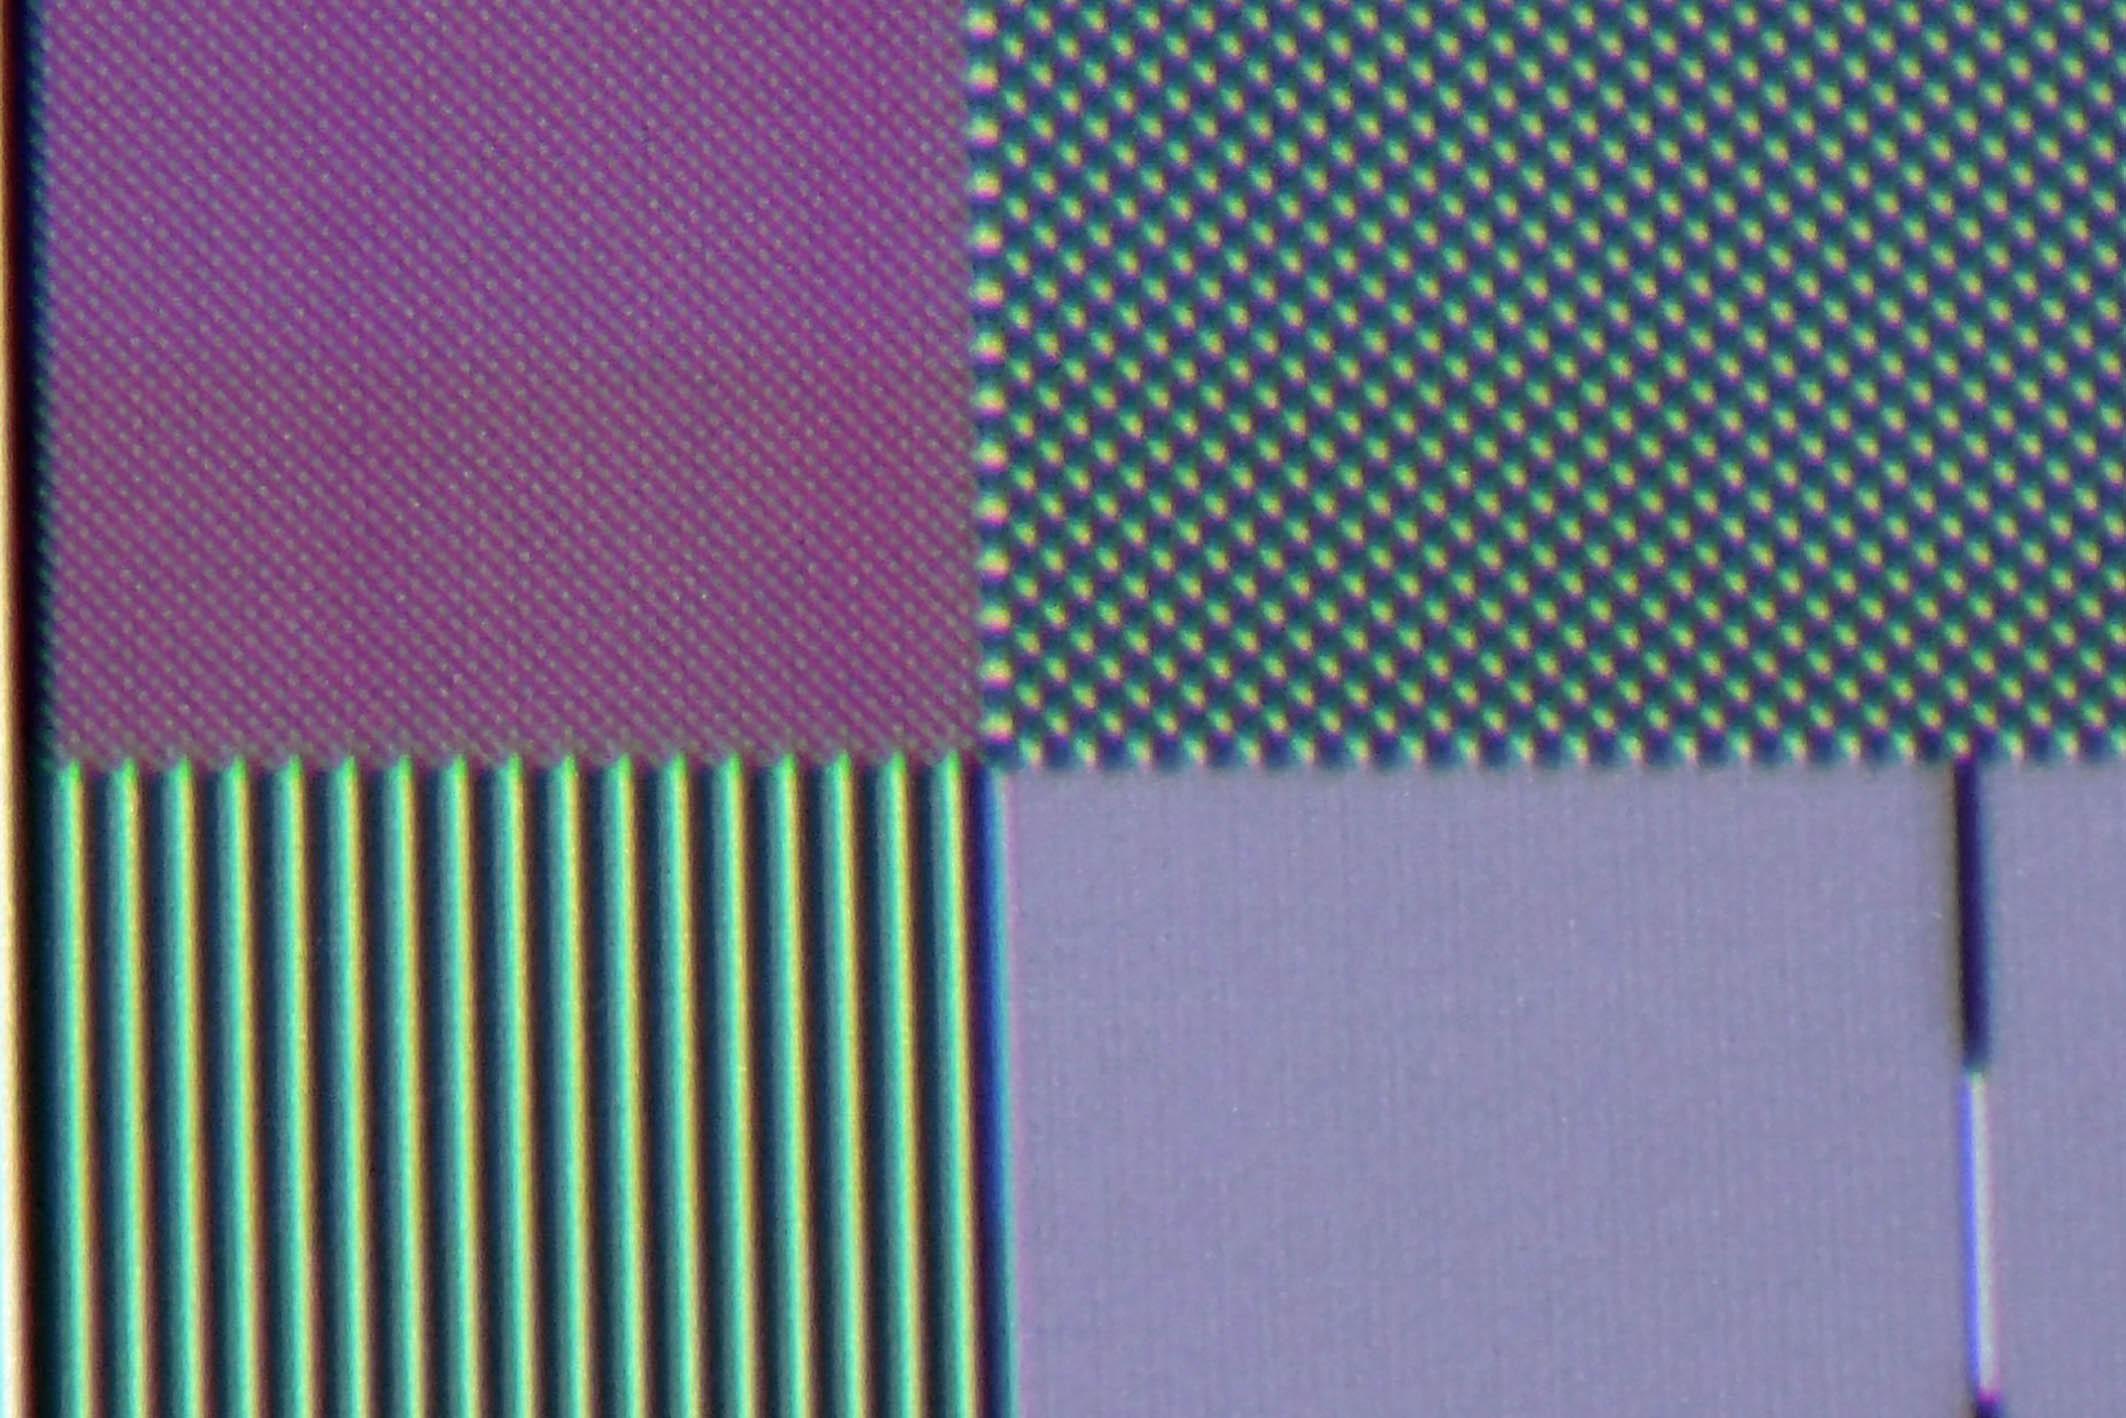 UHD-Pixelauflösung: Meine Makroaufnahme zeigt, dass der Sony VPL-VW270 zwar alle UHD Pixel darstellt (oben links), doch das Schachbrettmuster sollte eigentlich in Schwarz/Weiß abgebildet werden – und nicht Purpur verfärbt. Auch die Full-HD-Pixel (oben rechts) sind sichtbar verfärbt.